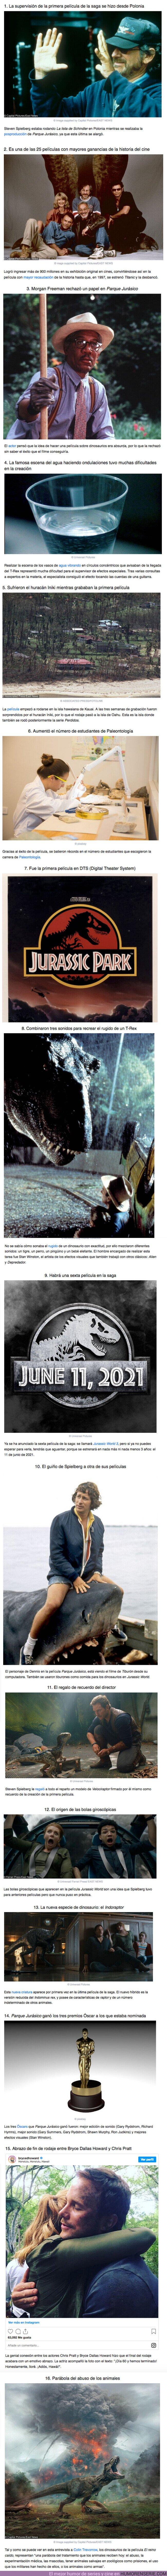 60402 - GALERÍA: 16 cosas que no sabías sobre la saga Jurassic Park